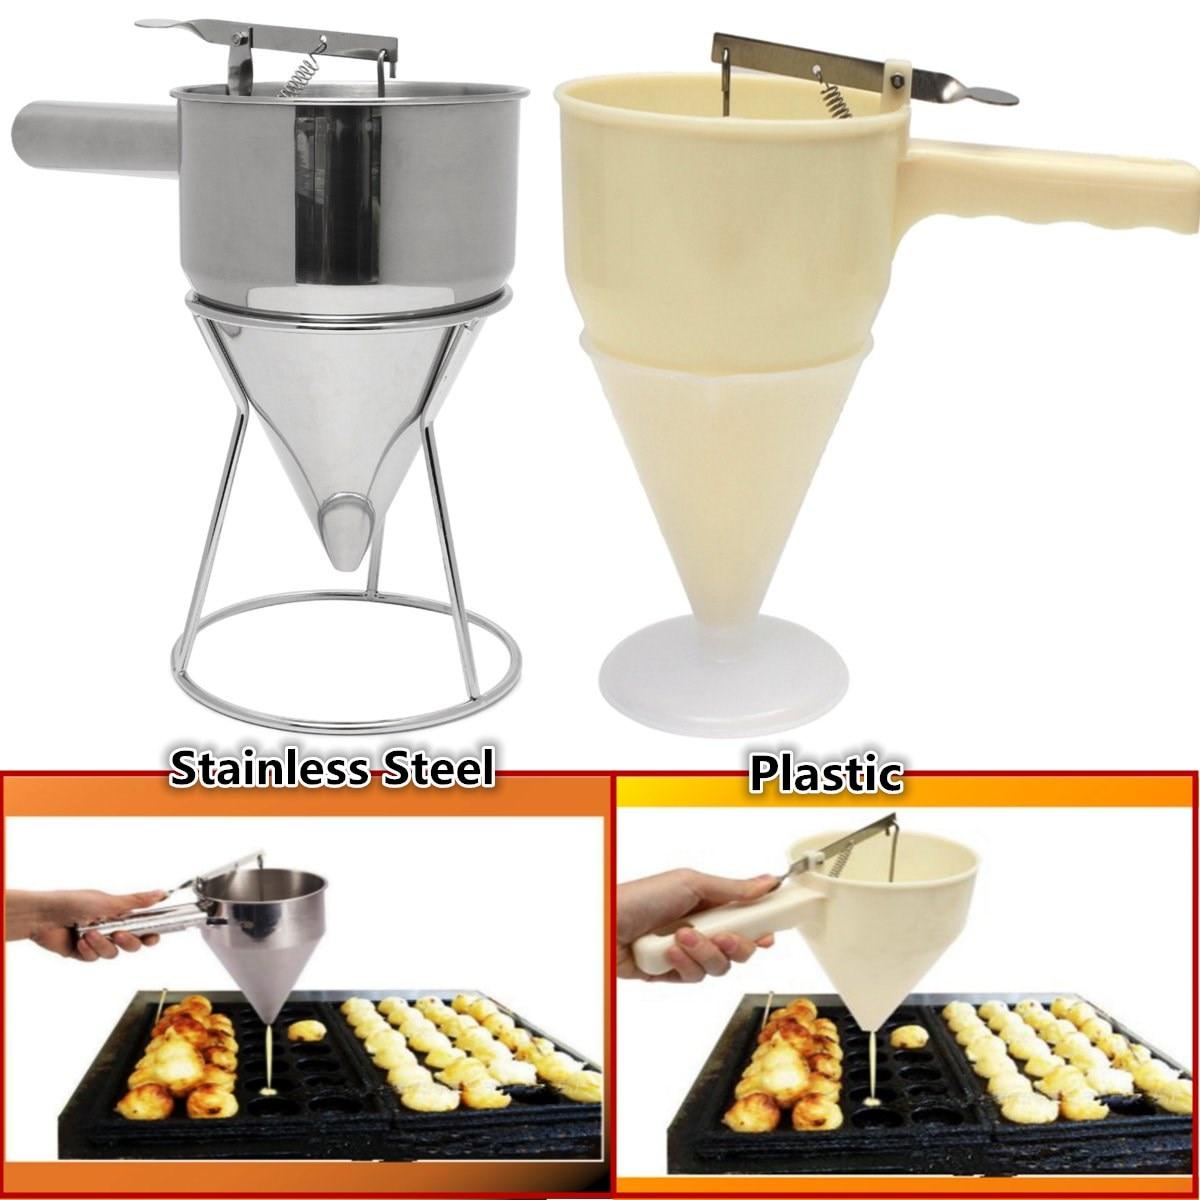 takoyaki batter dispenser conical funnel with shelf octopus fish balls eggs tart baking tools helper steel - Batter Dispenser